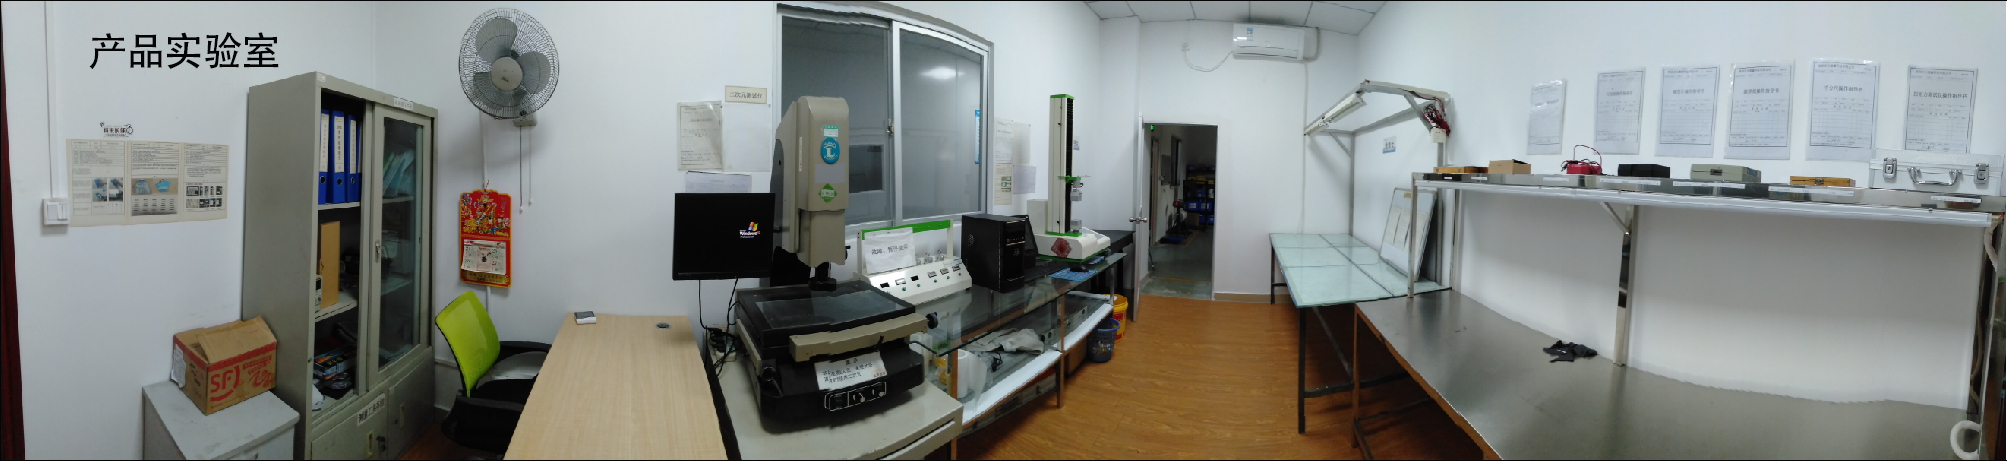 产品实验室